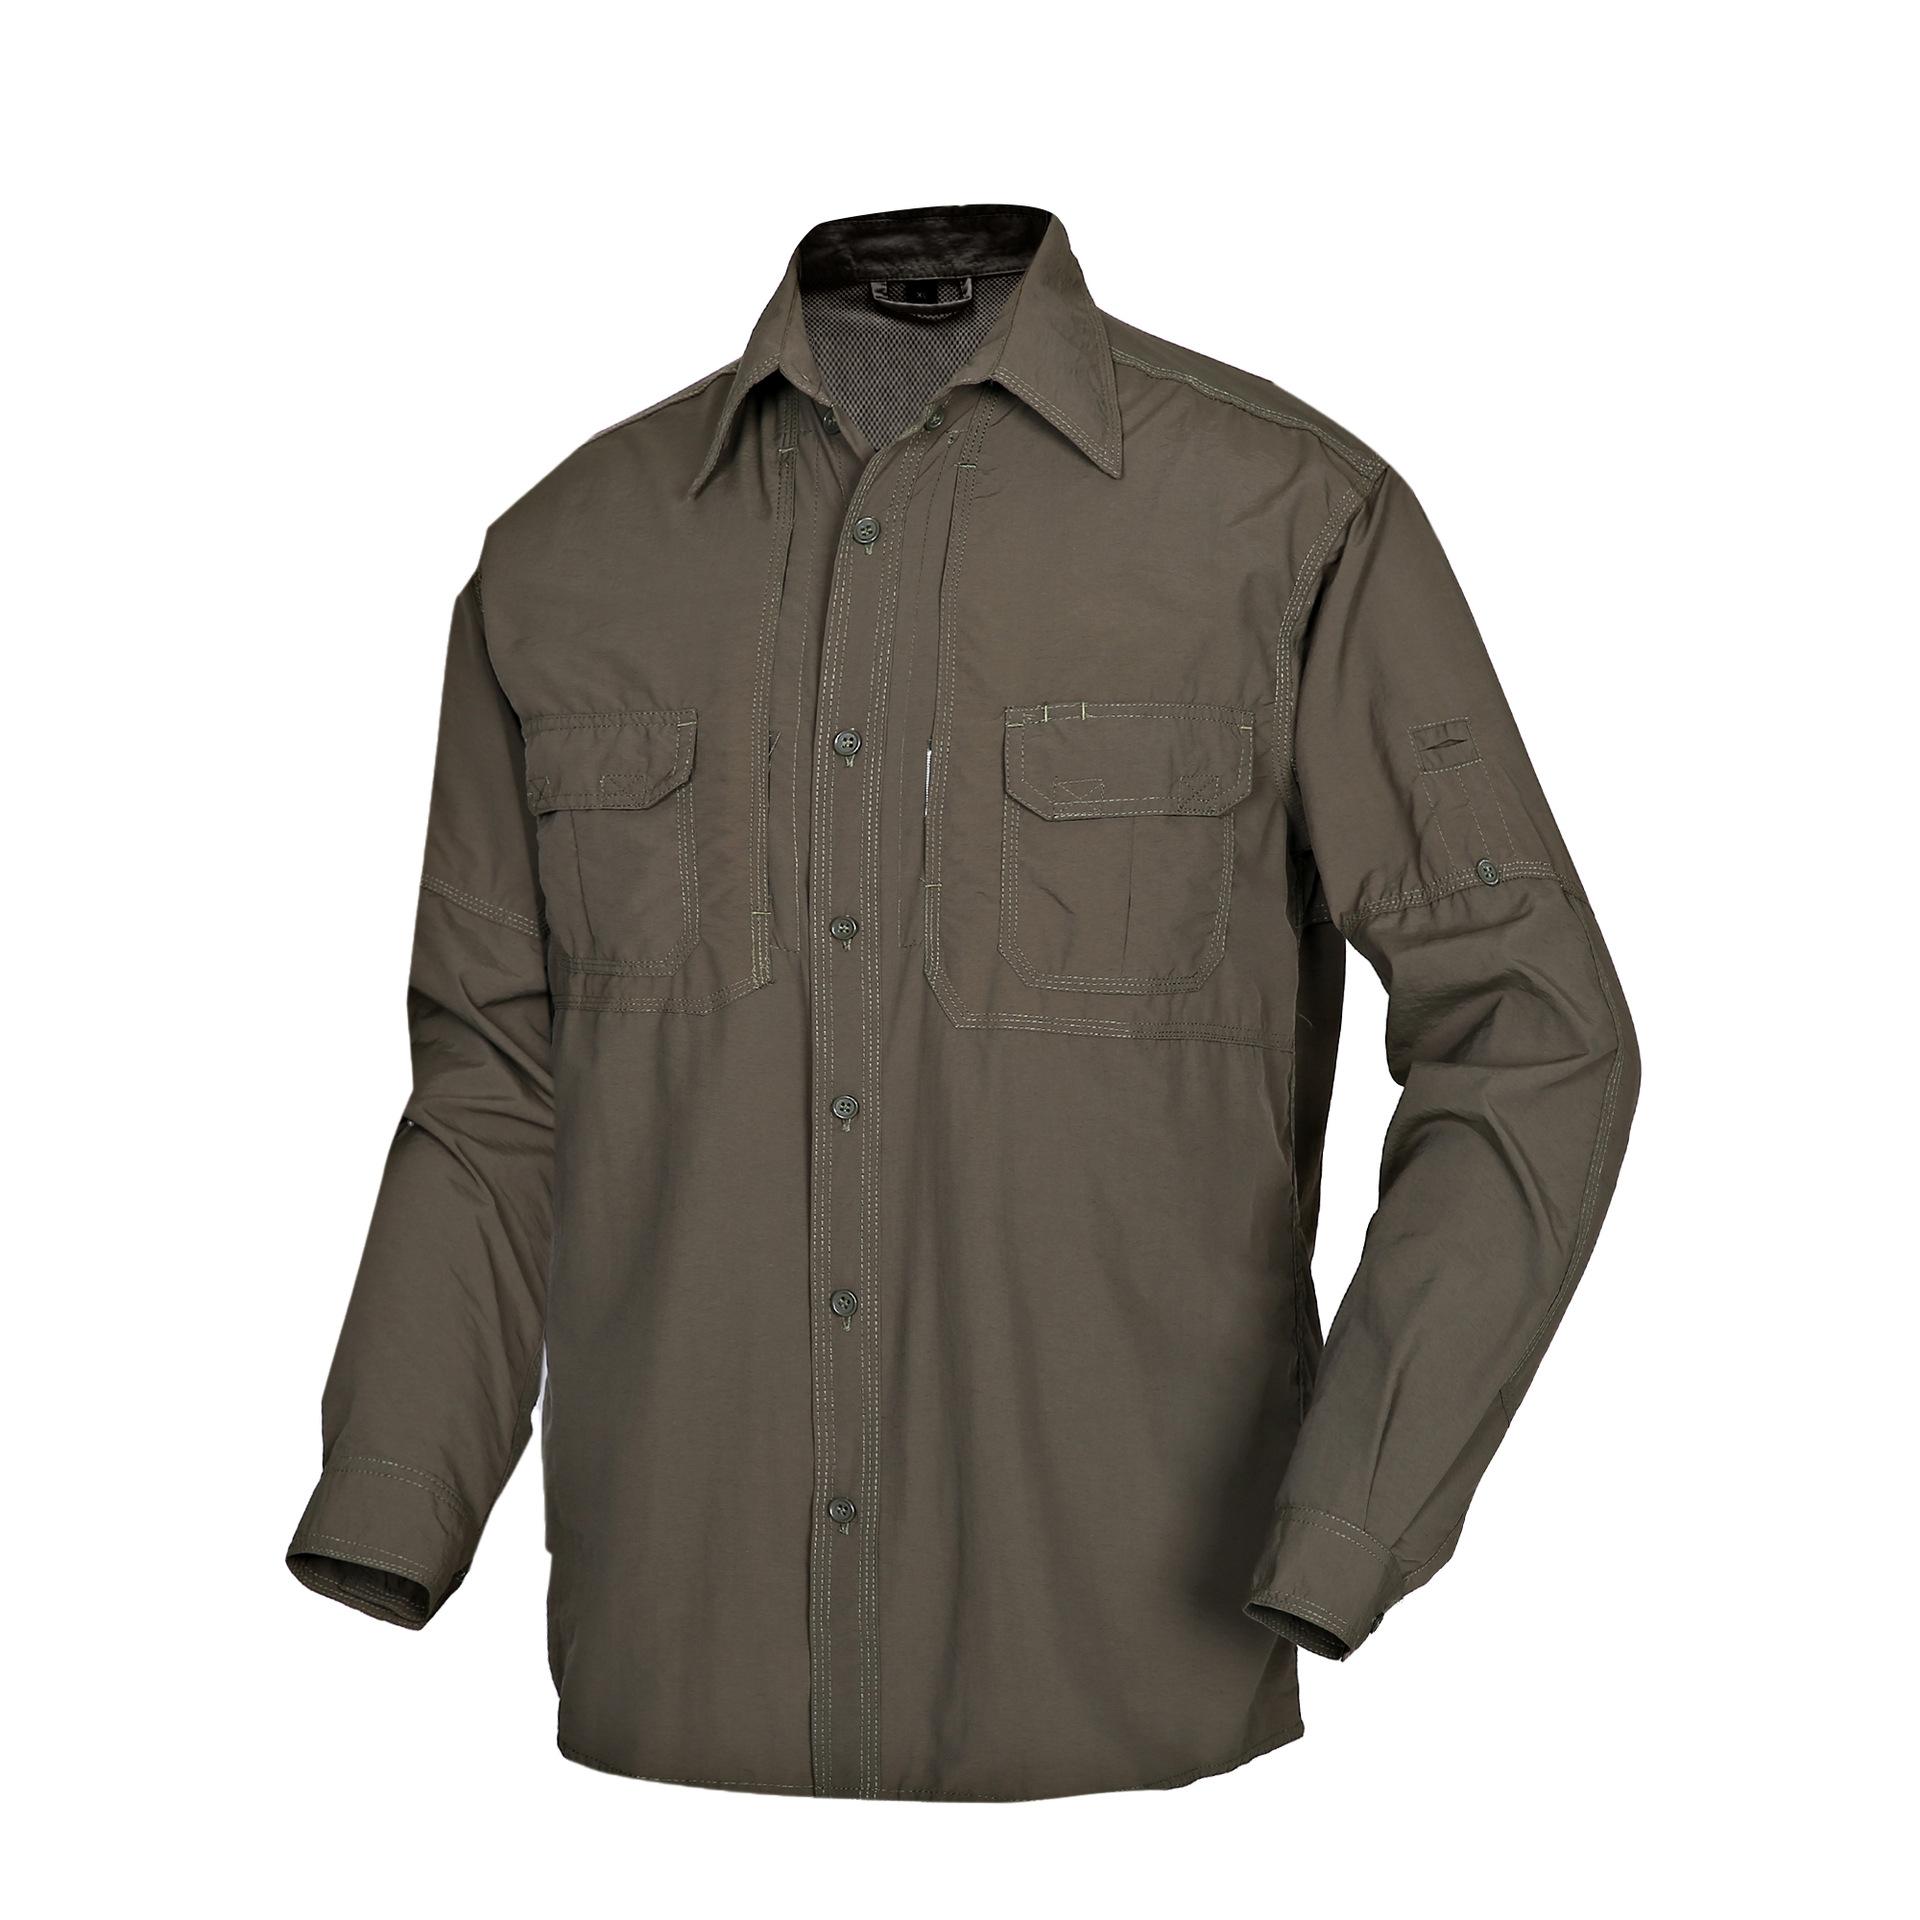 5.56 Đồ chống nắng mau khô Quần áo dài tay cho nam Quần áo nửa tay sử dụng áo chống nắng Quần áo ngo